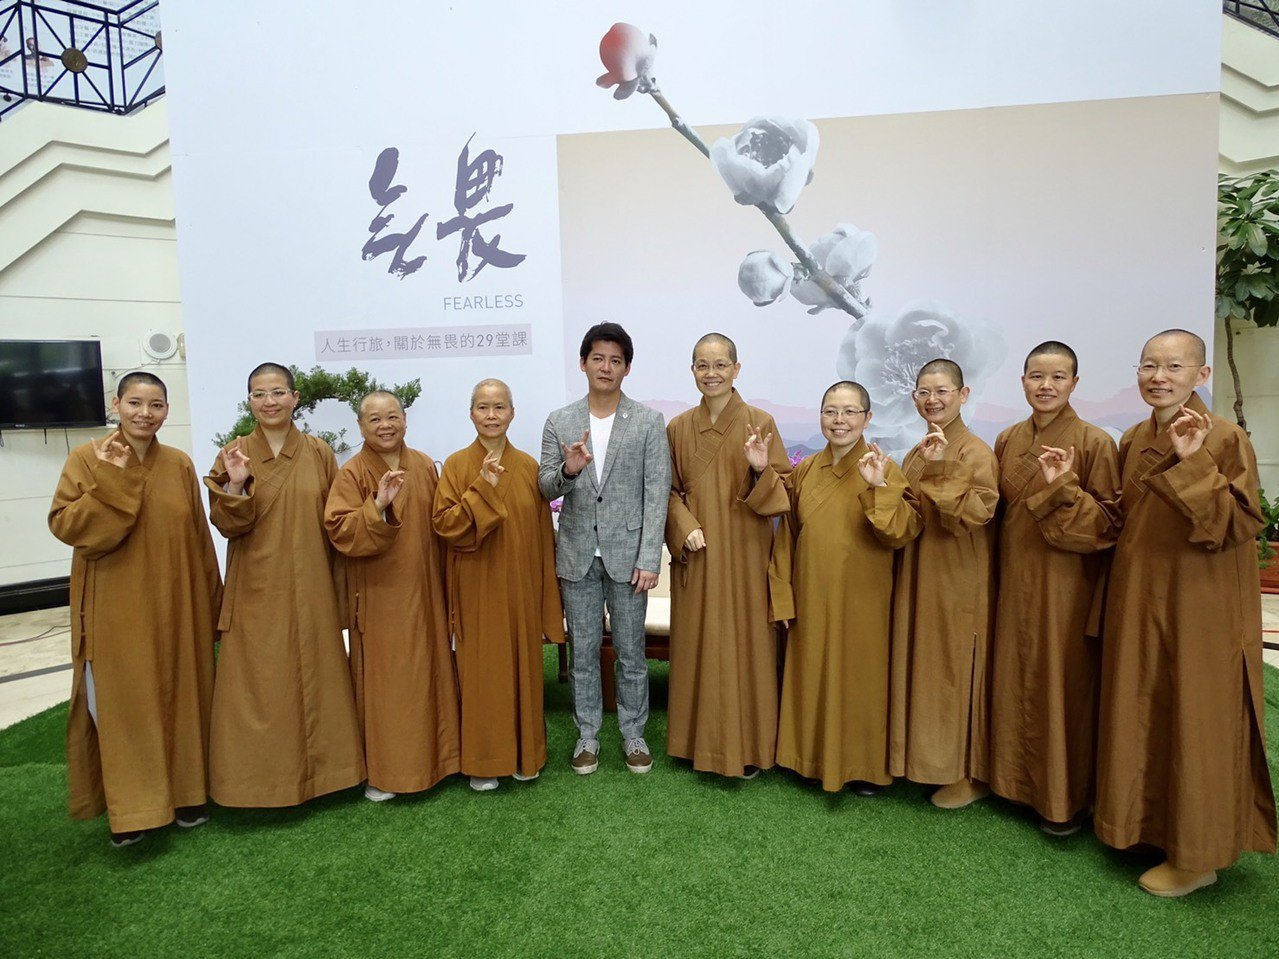 台中市教育局指導、南華大學、人間文教基金會及佛光山惠中寺共同舉辦的2019「未來...